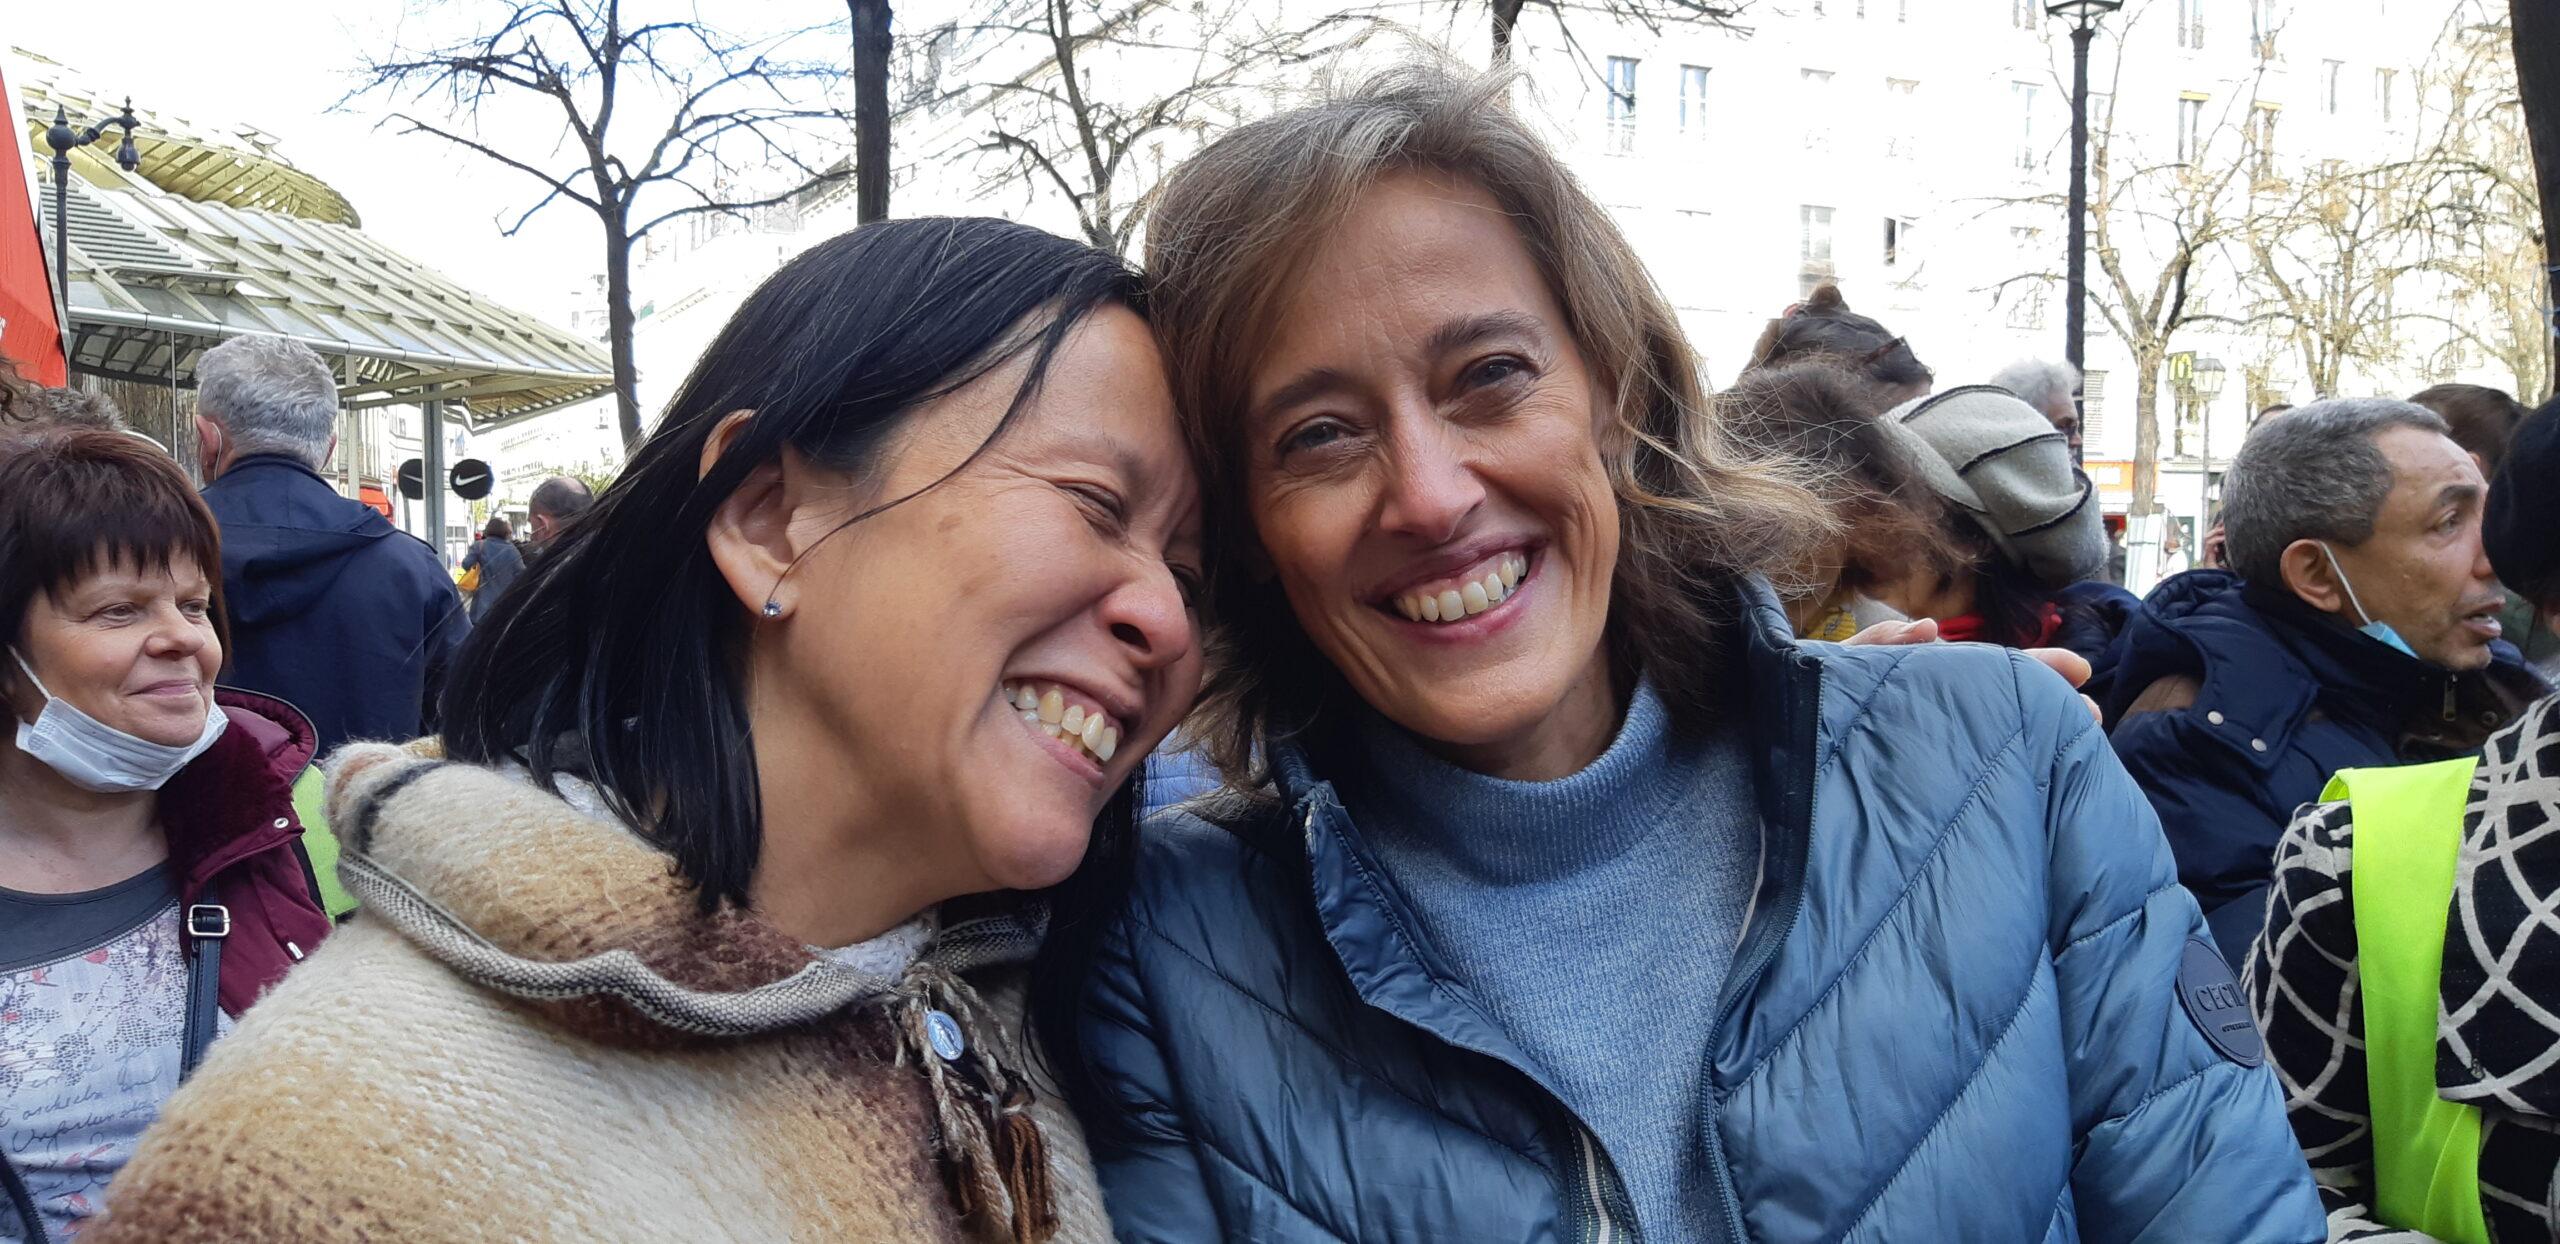 Alexandra et Anne, complices et souriantes